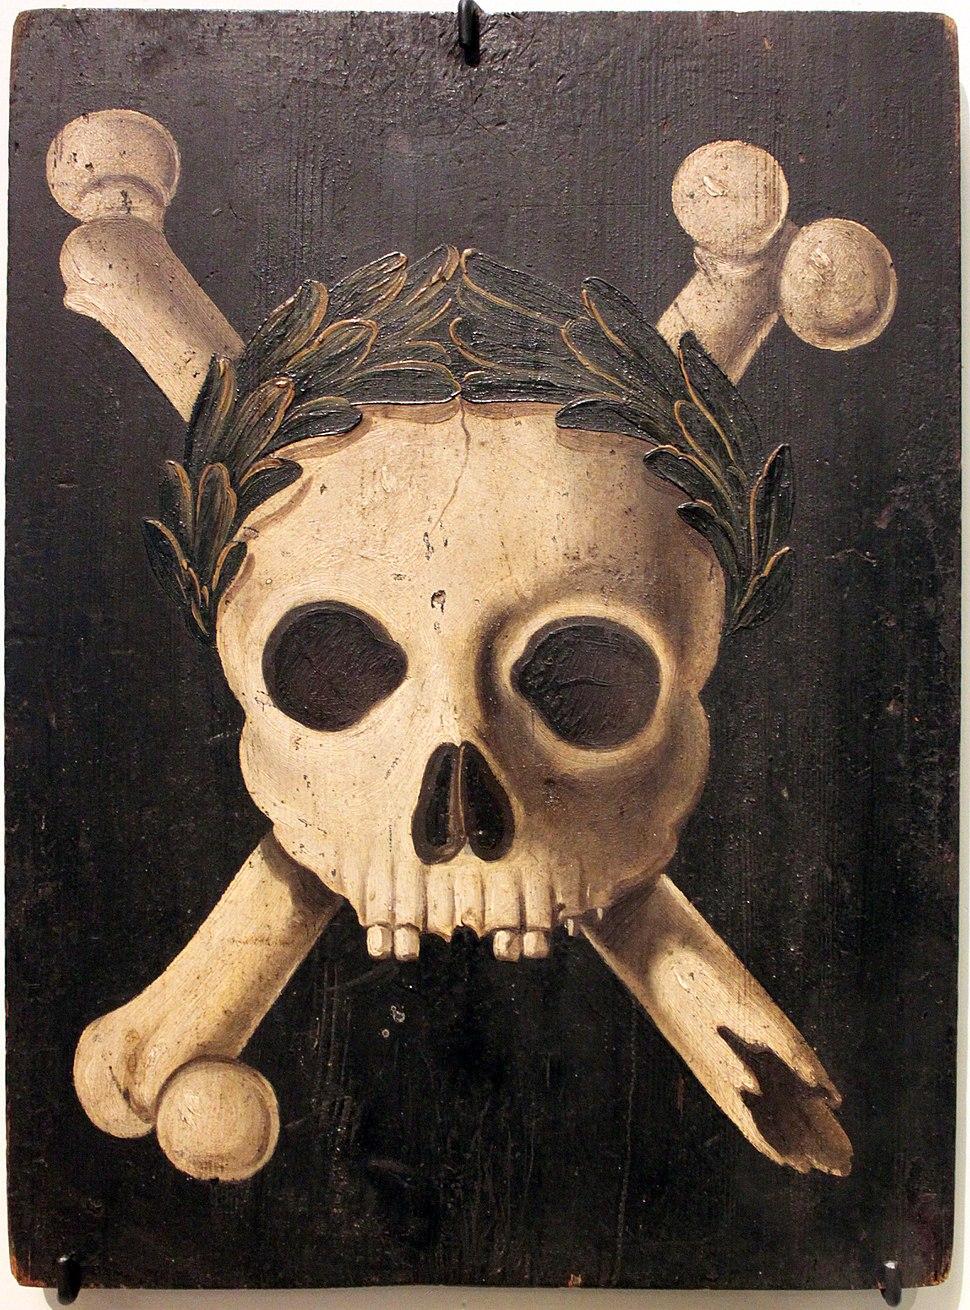 1607-35 Pesttafel Augsburg anagoria